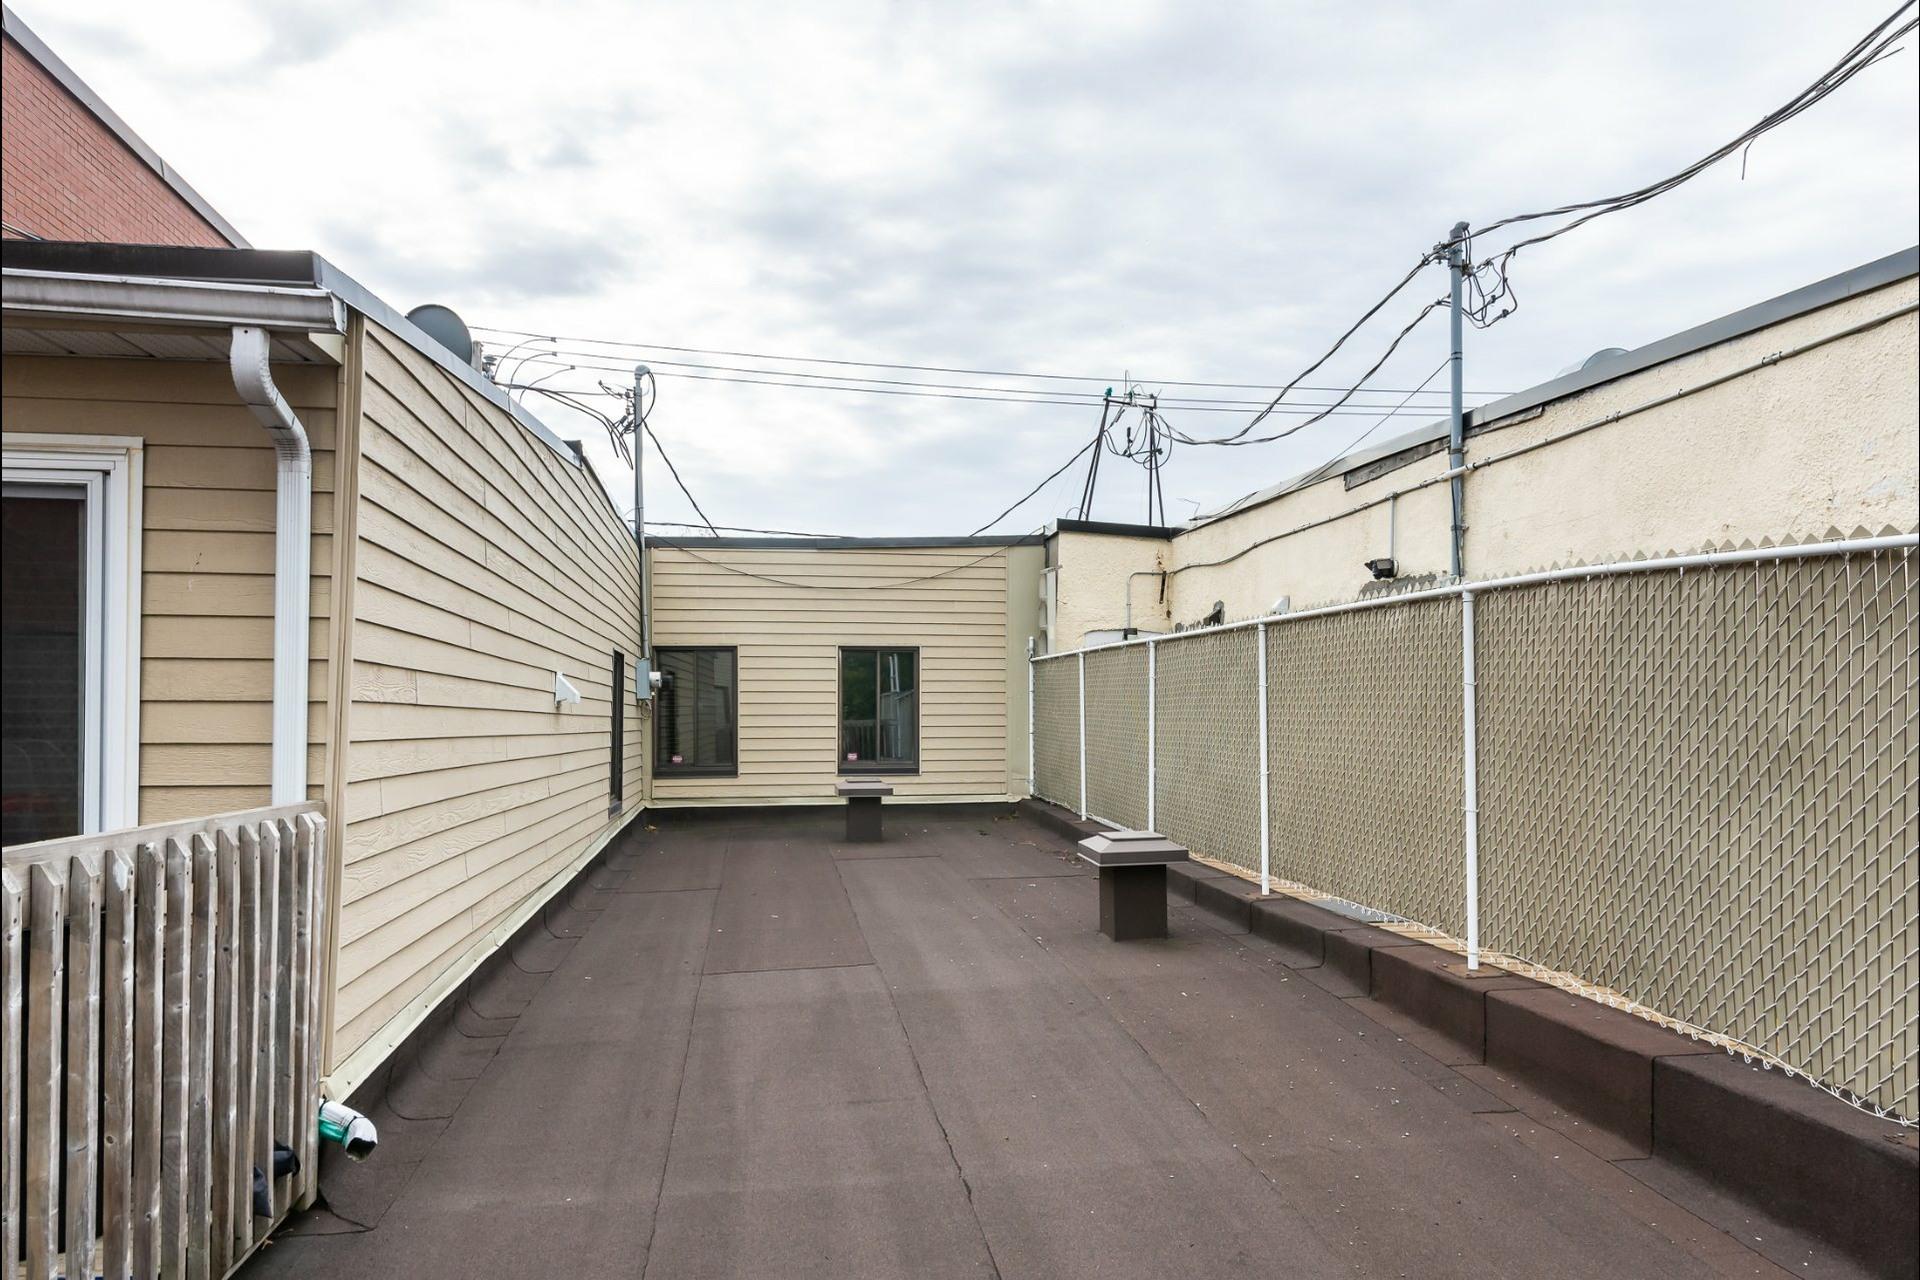 image 18 - Duplex For sale Lachine Montréal  - 4 rooms